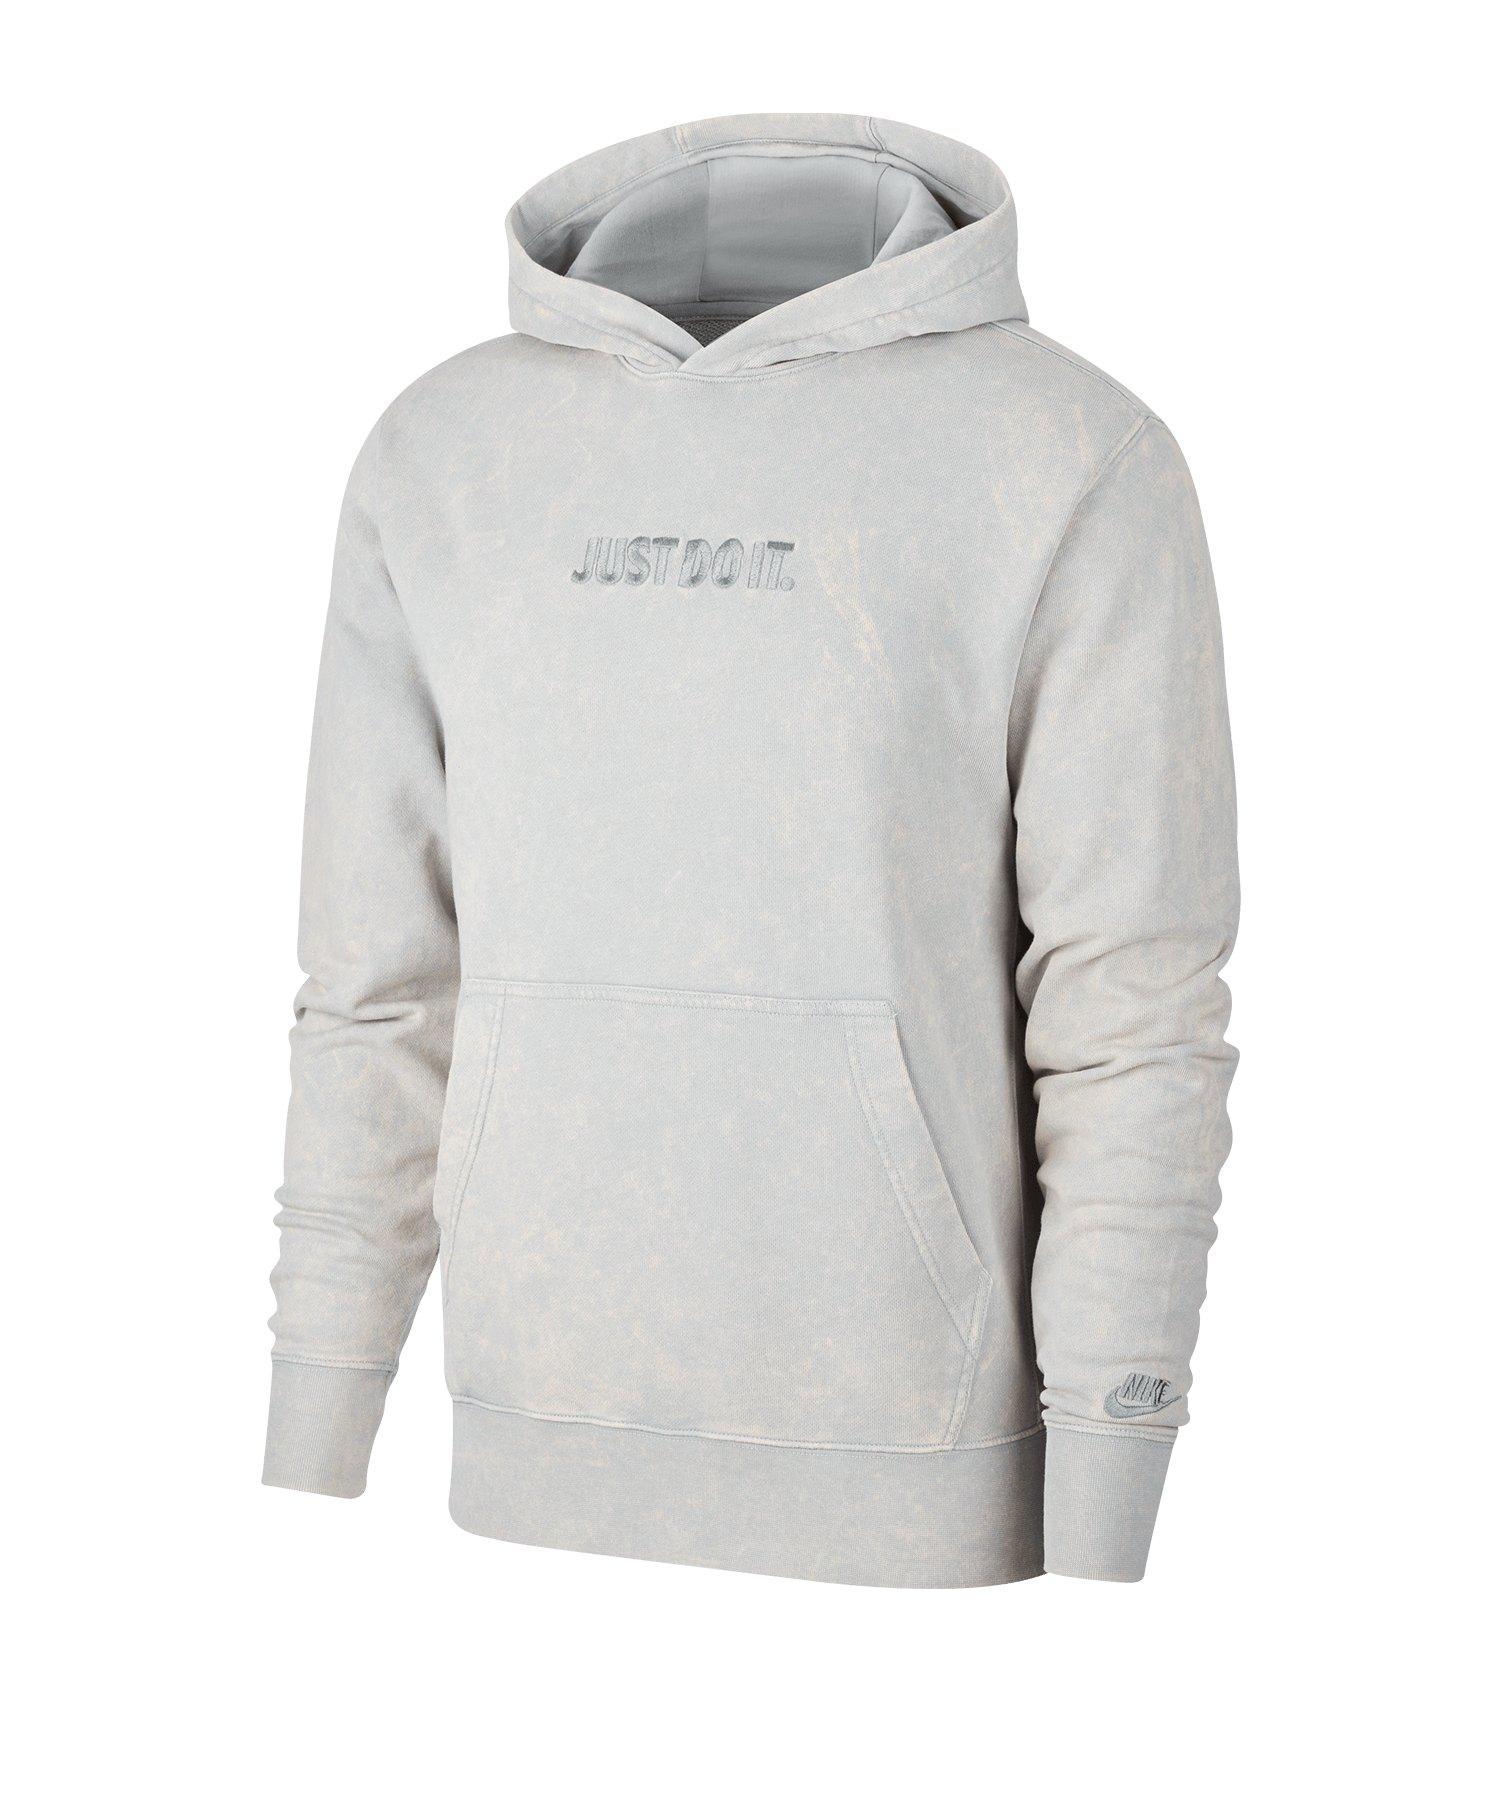 Nike JDI Wash Kapuzensweatshirt Grau F077 - grau